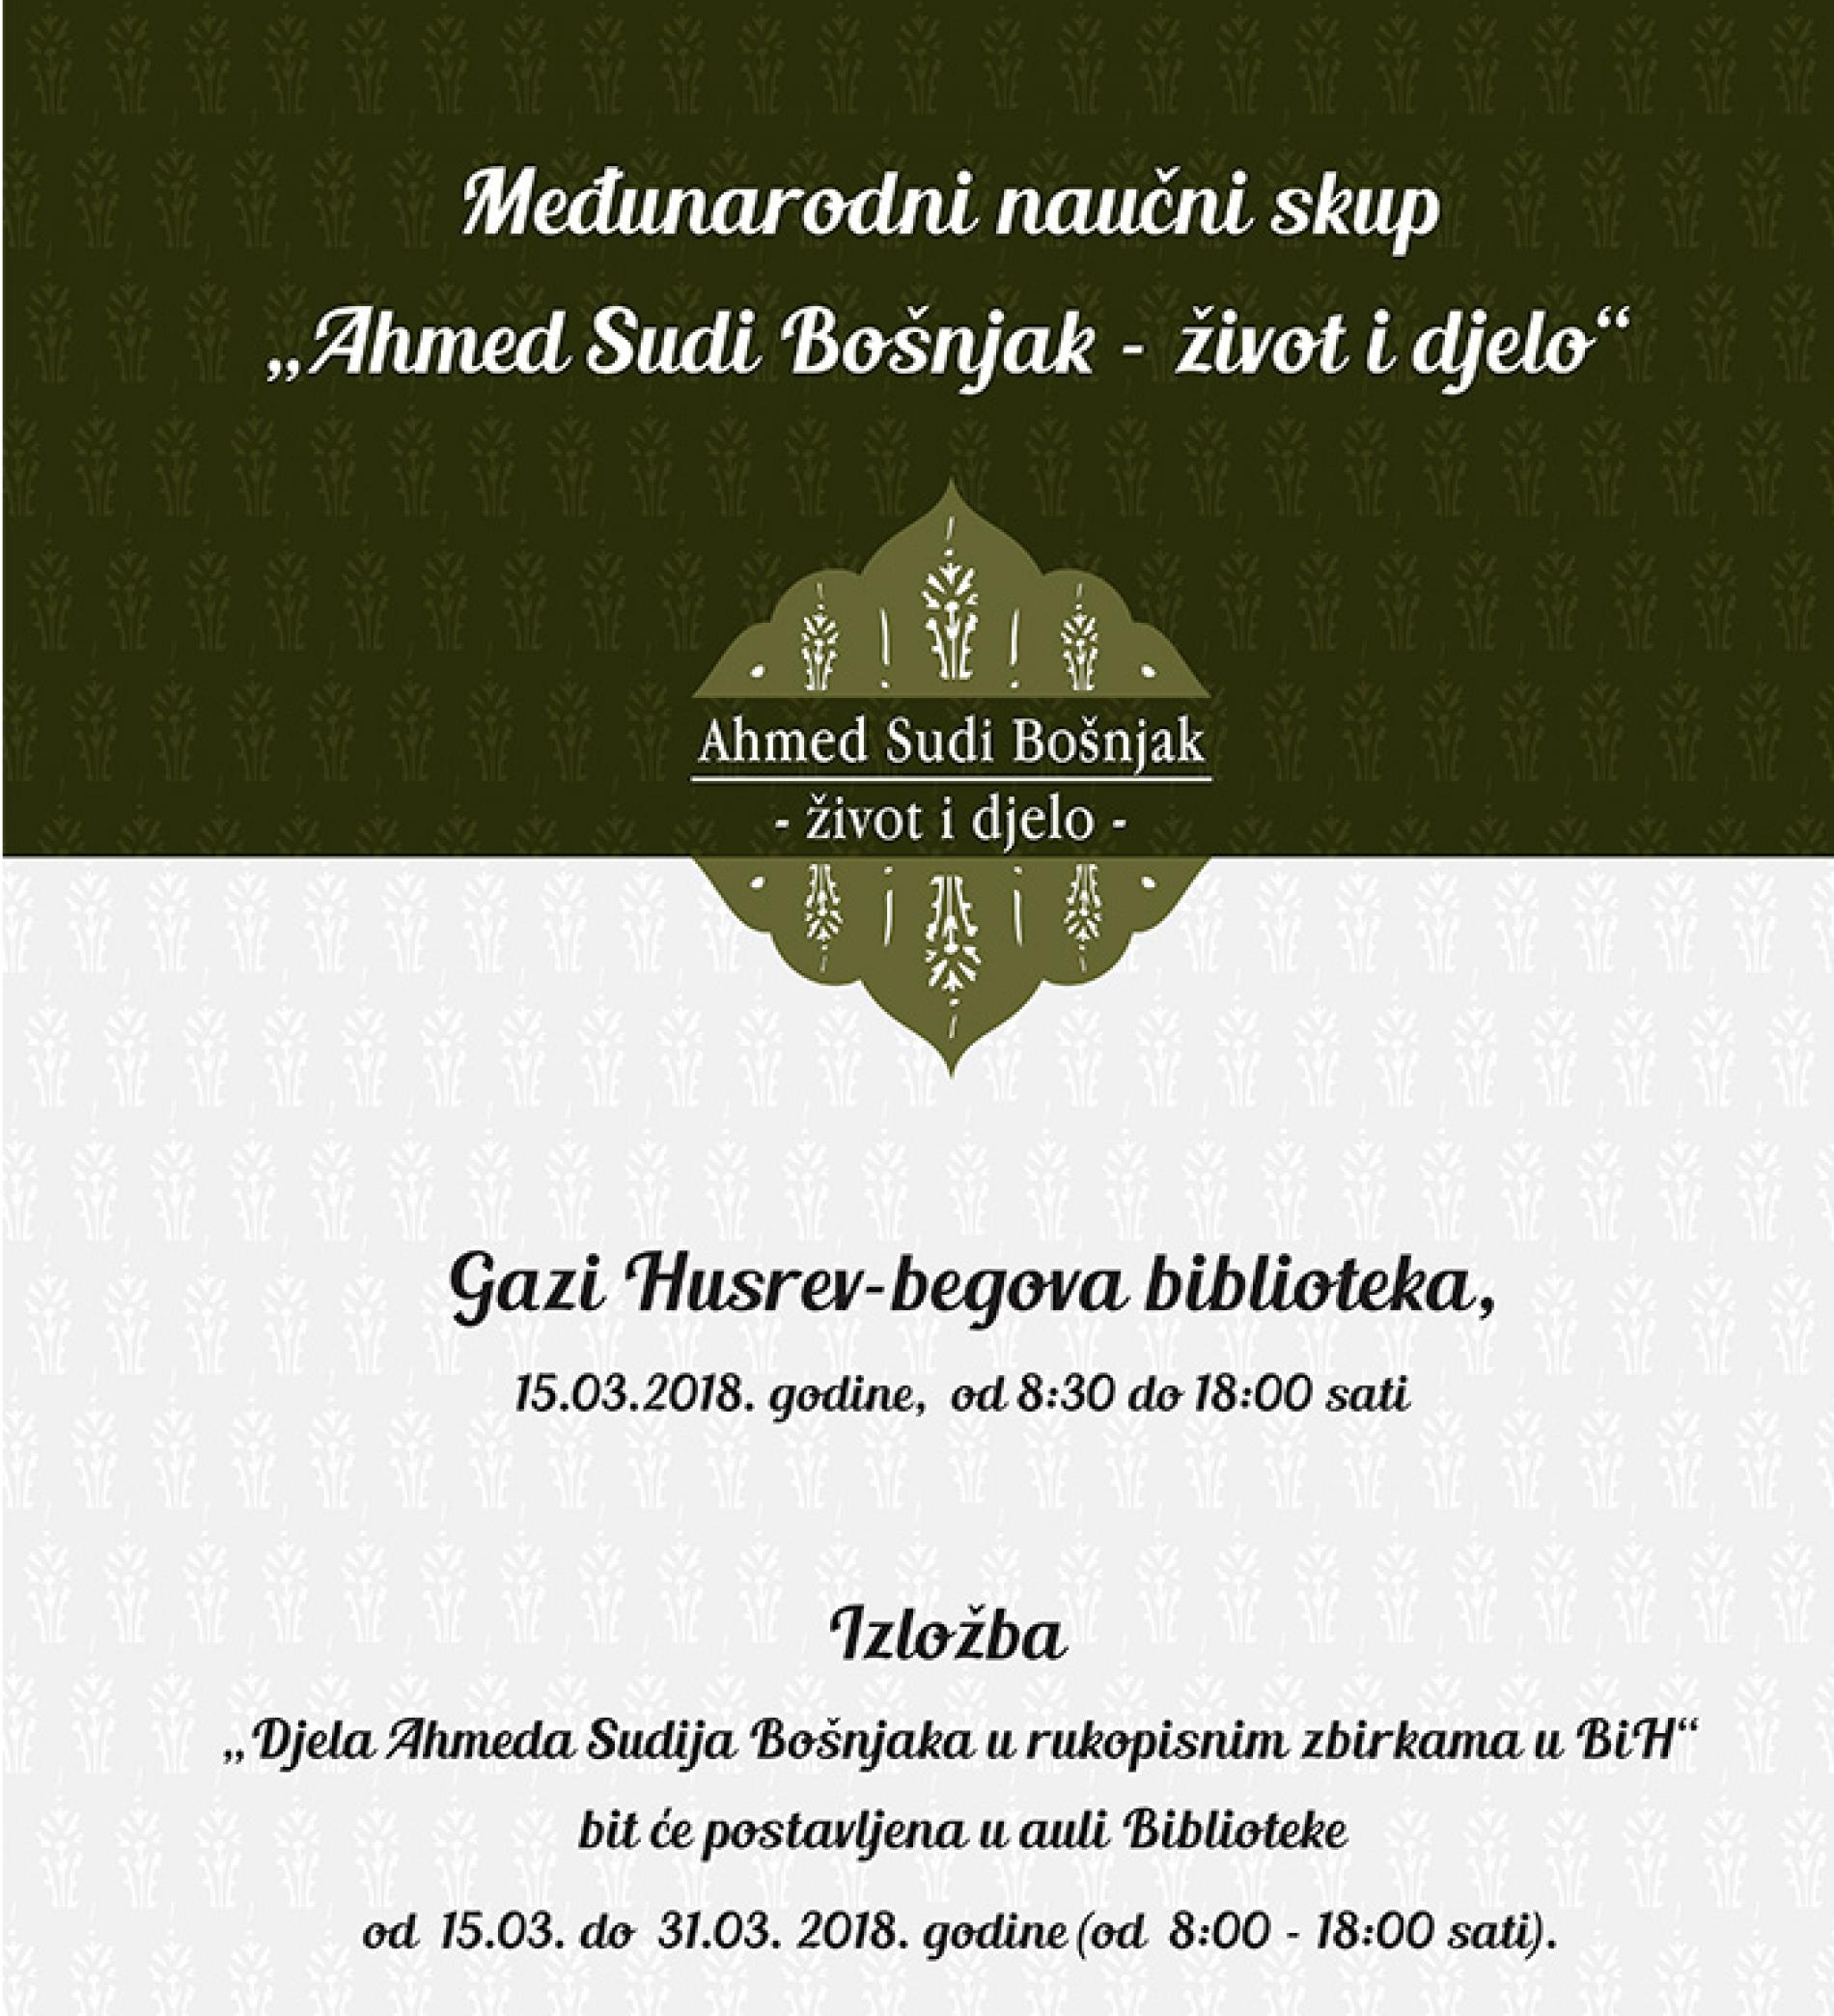 Ahmed Sudi Bošnjak, važna ličnost iz historije Bosne i Hercegovine